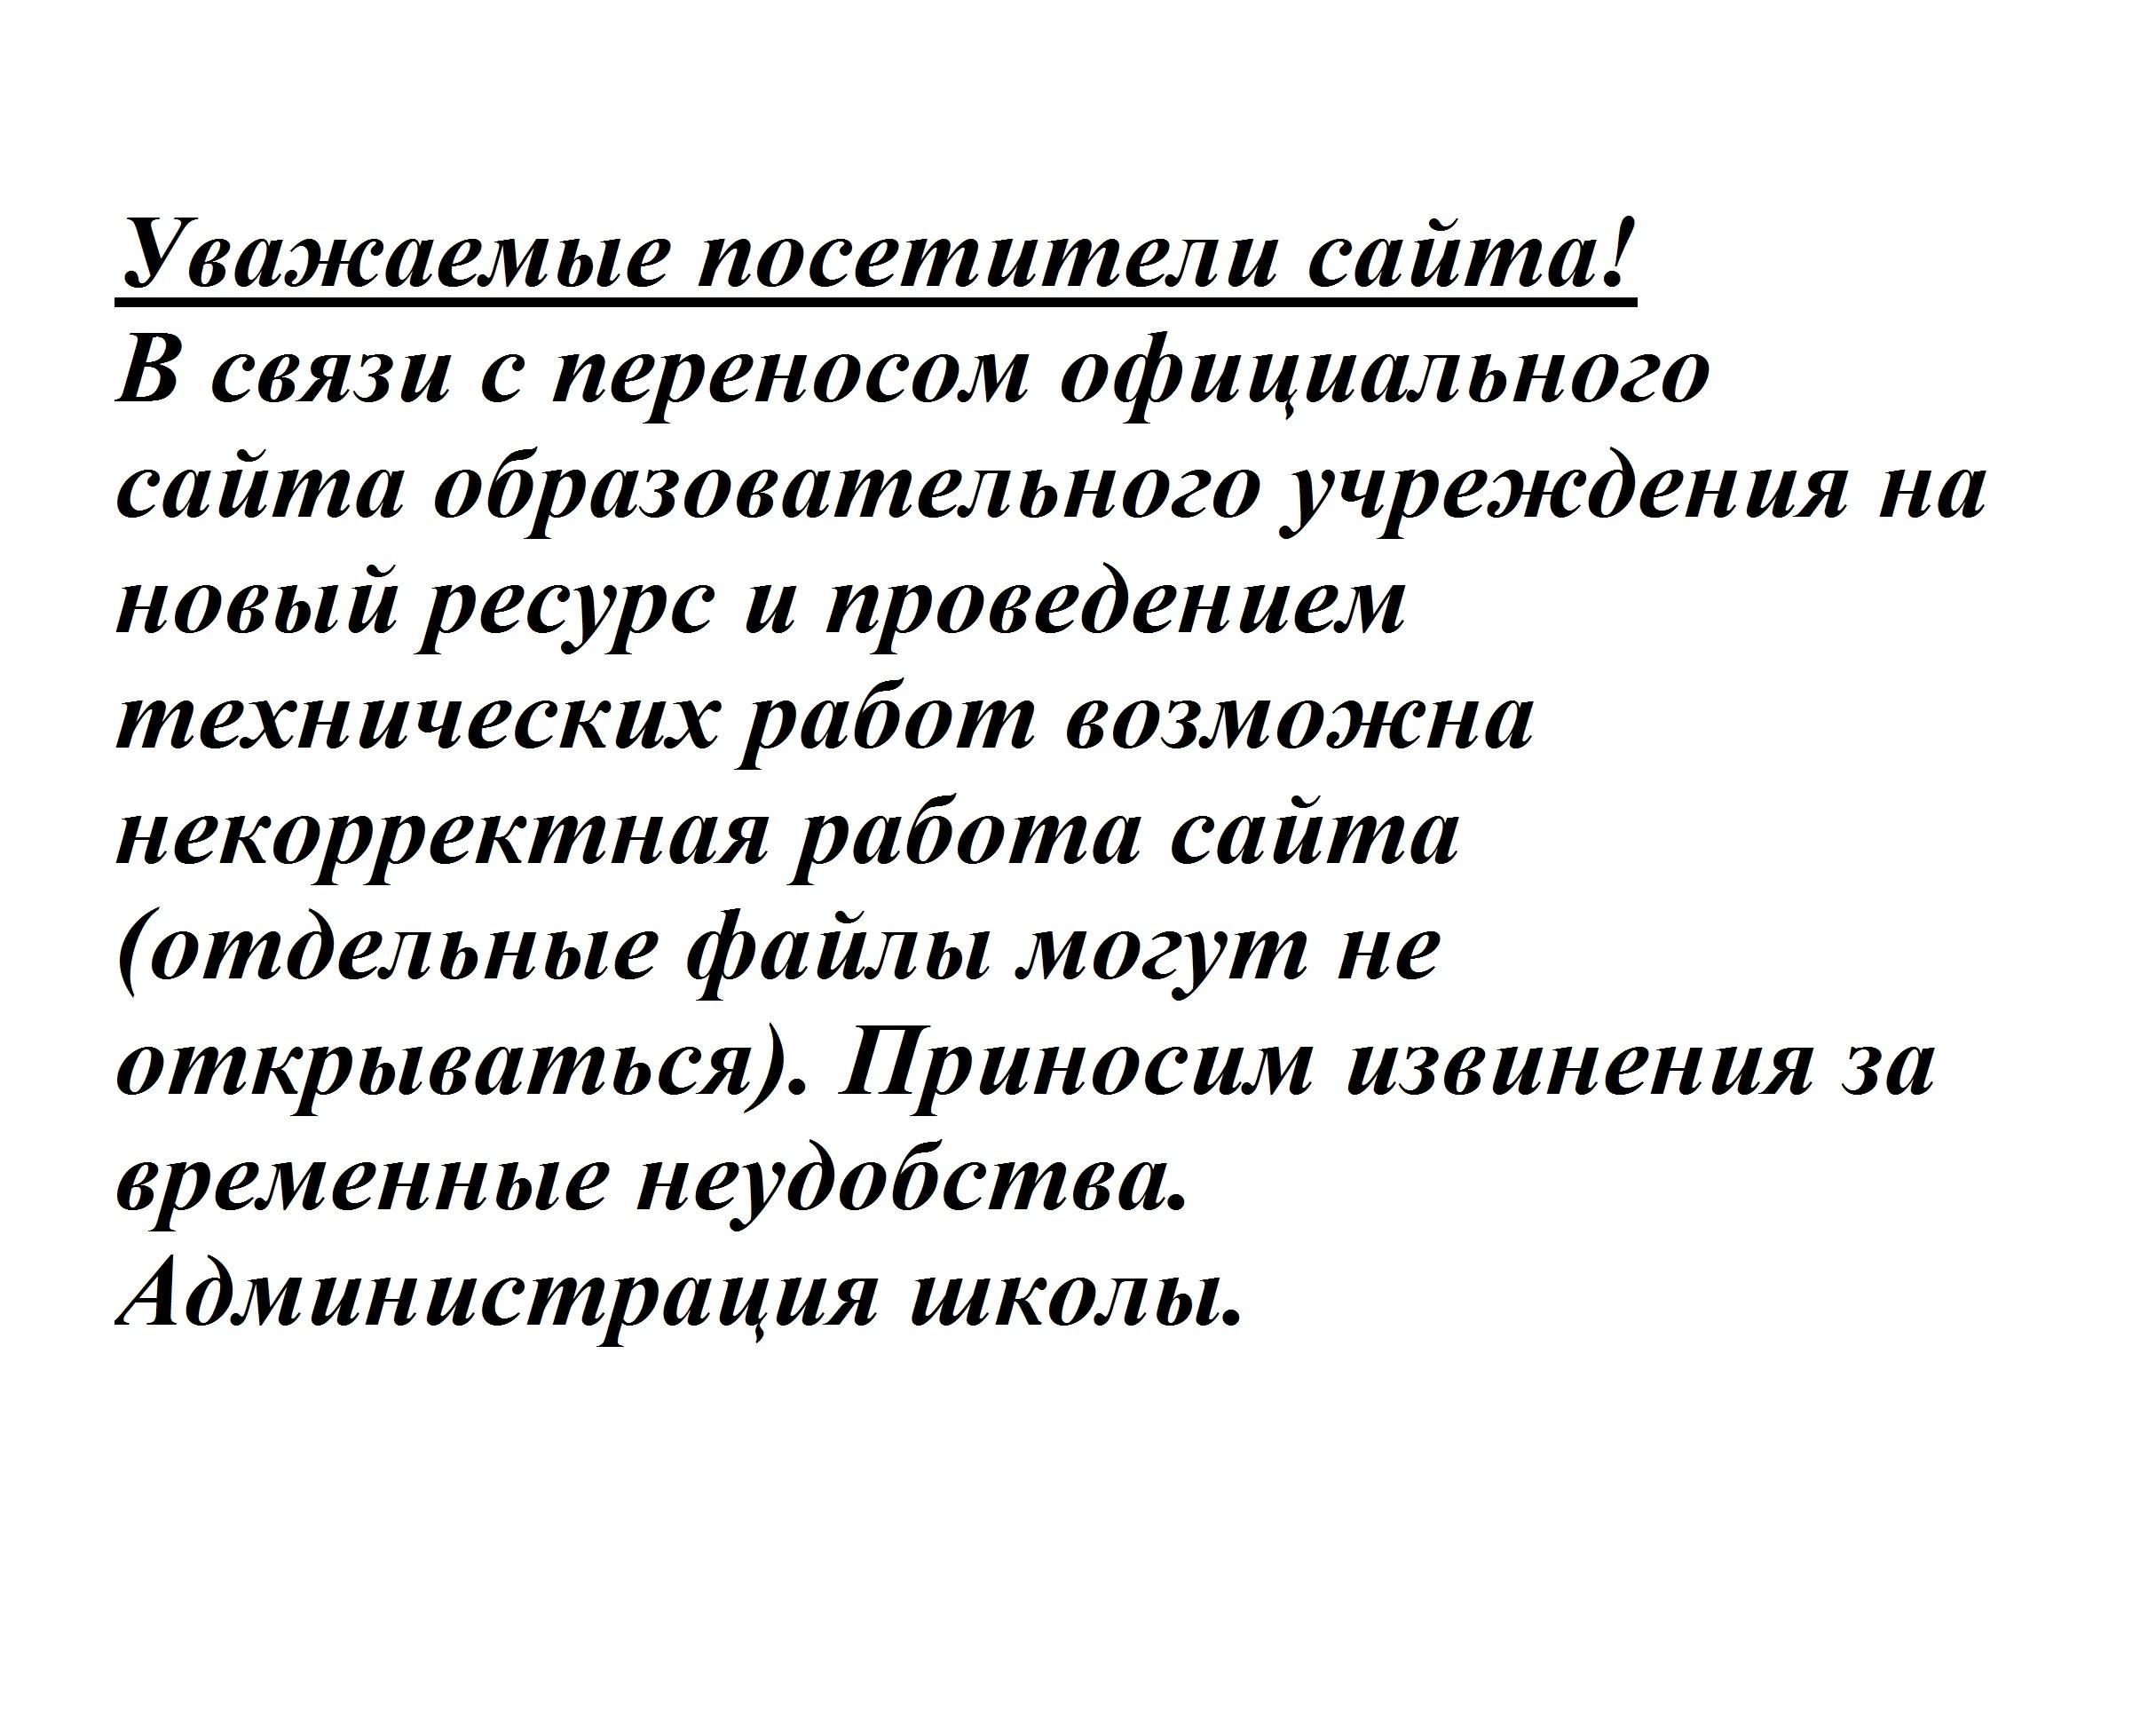 90 ЛЕТ ЛЕНИНГРАДСКОЙ ОБЛАСТИ